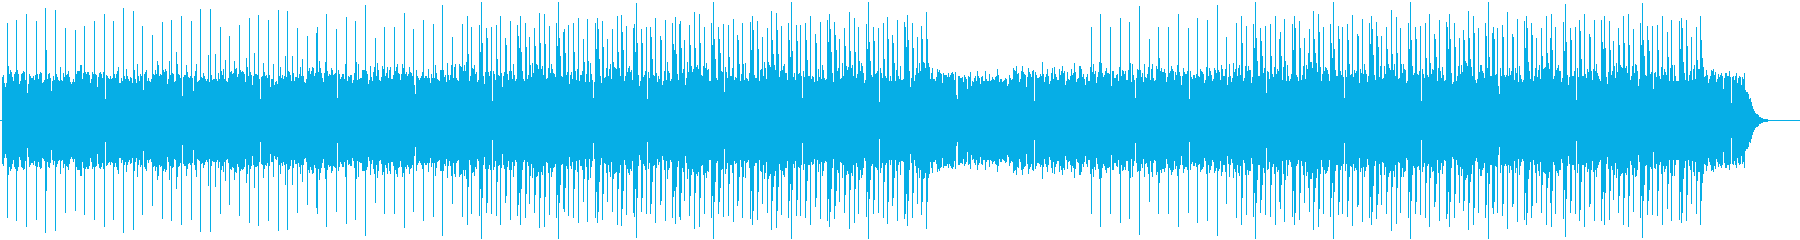 エレキギターが力強い印象のロック風BGMの再生済みの波形